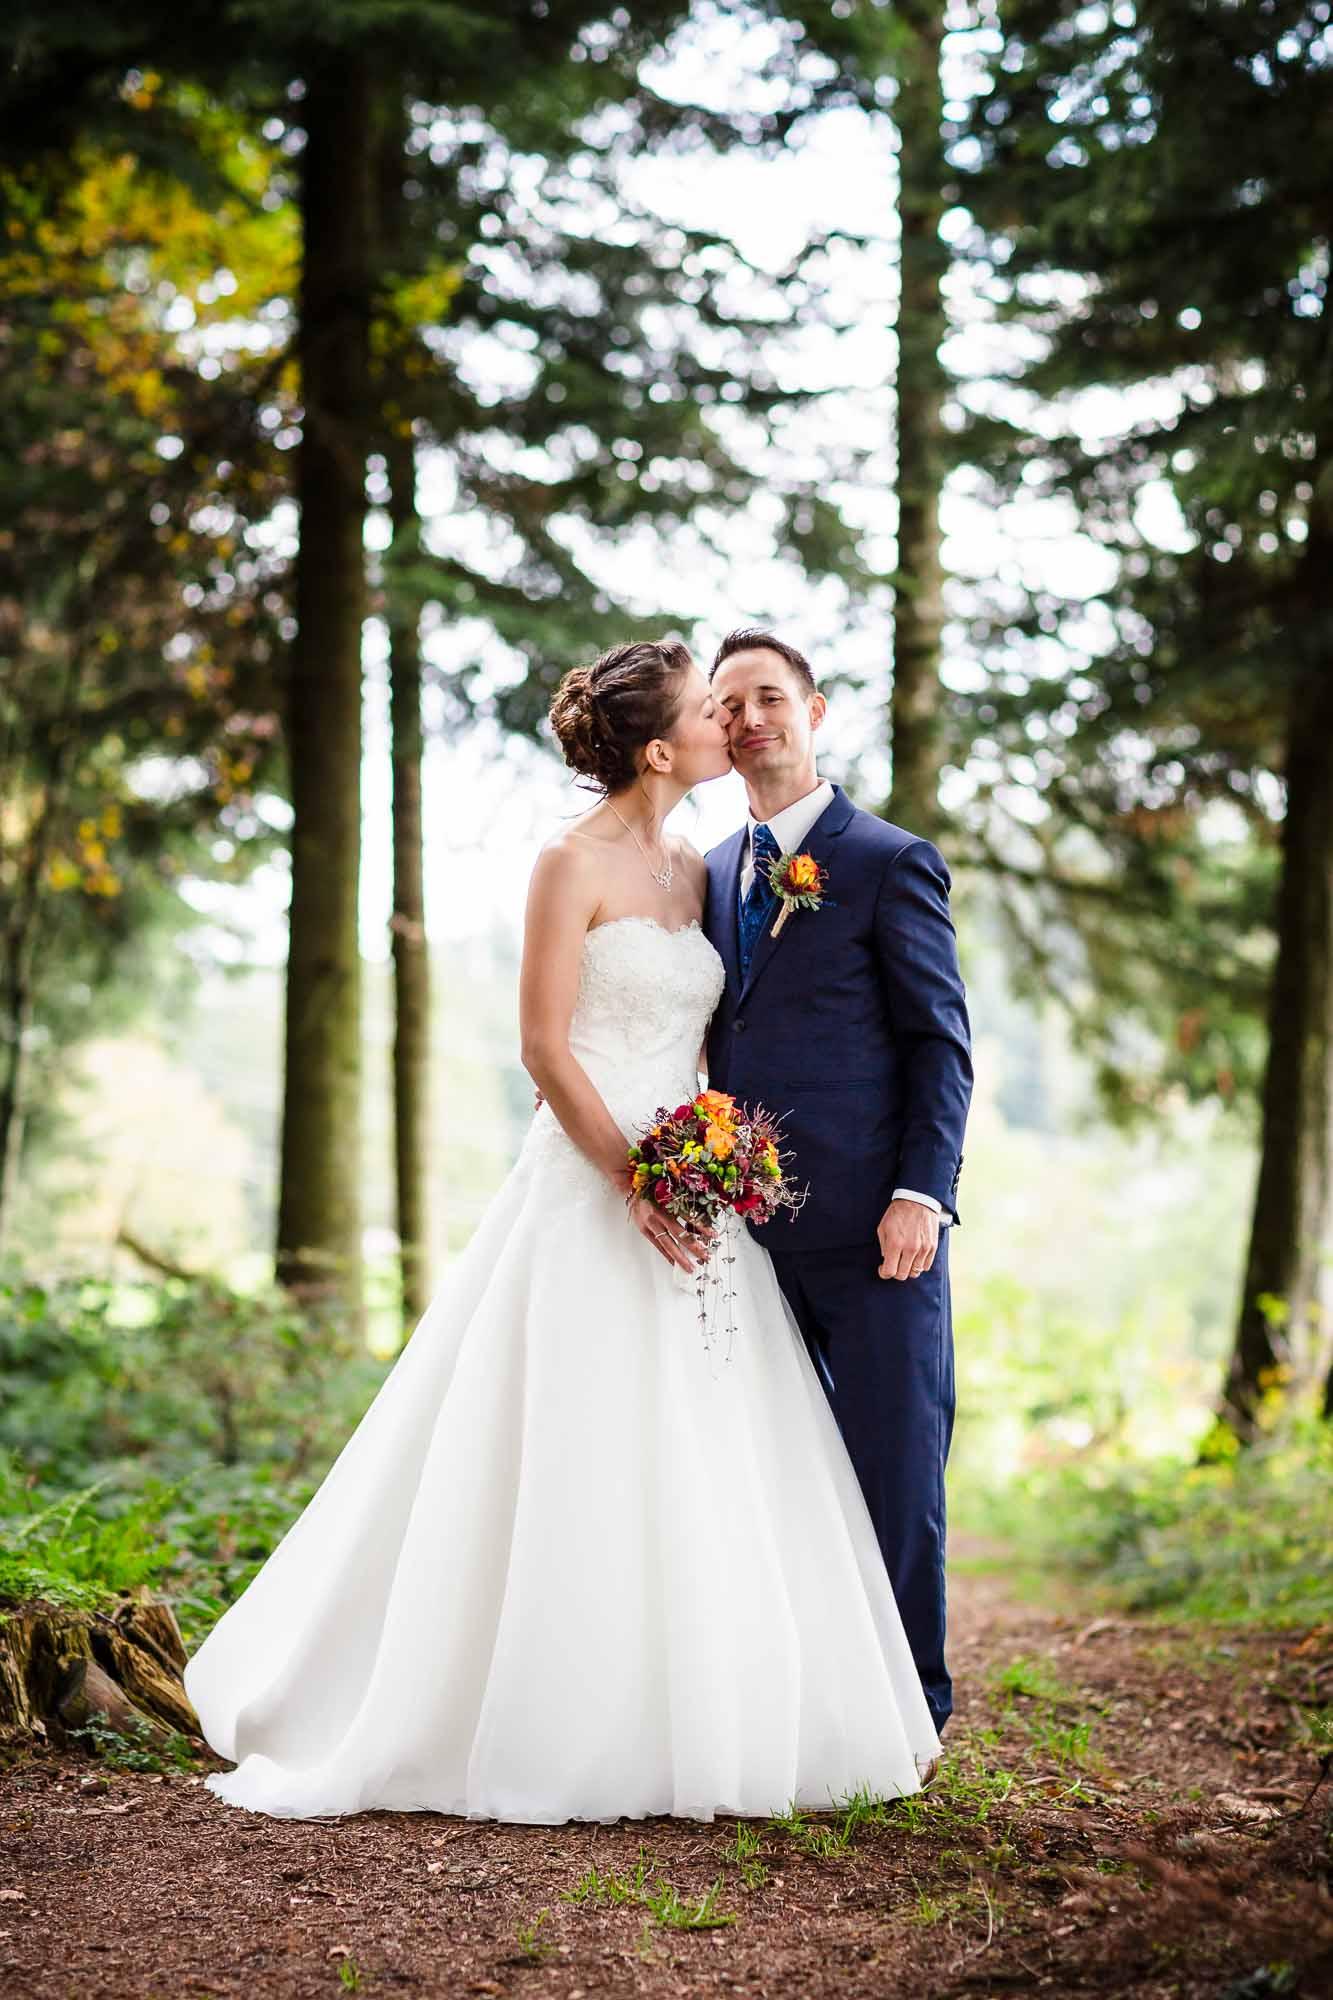 Brautpaarfoto im Wald Moosegg Hochzeitsfotos Emmental